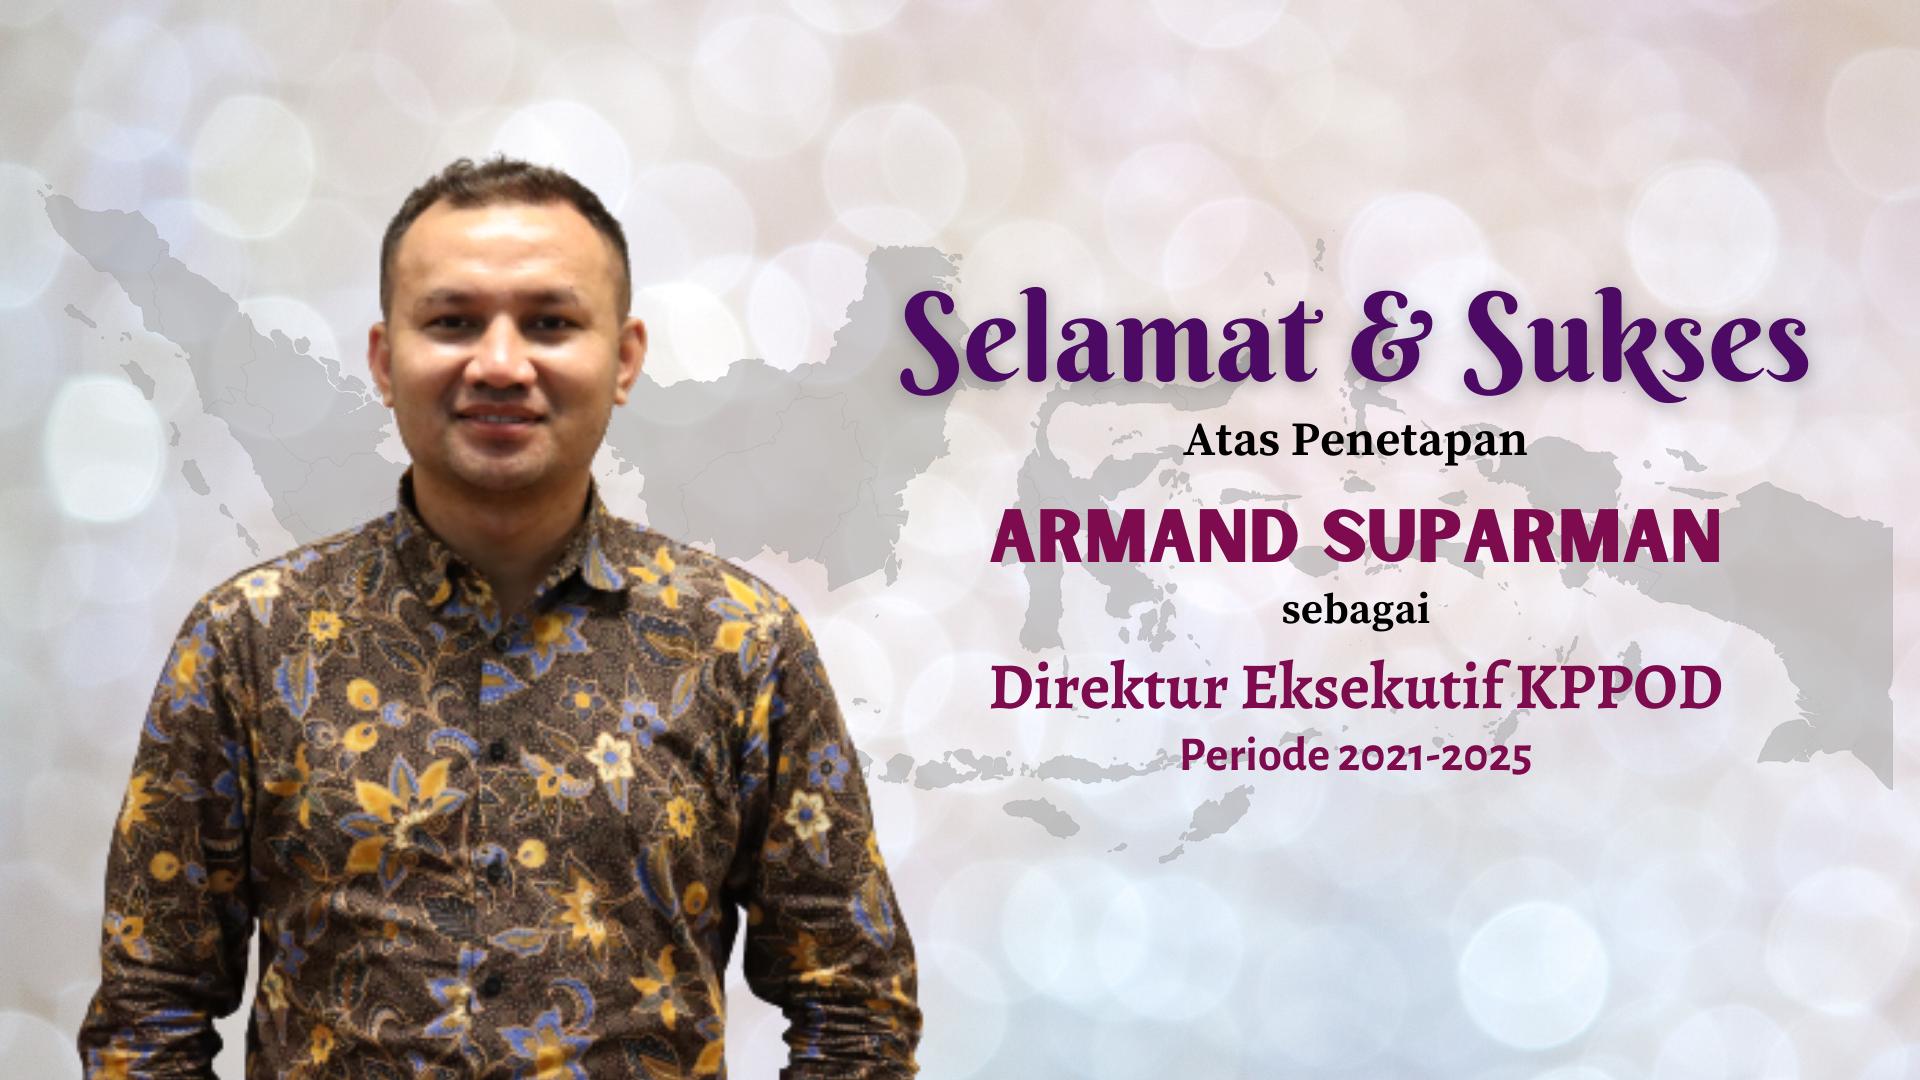 Informasi Penetapan Armand Suparman sebagai Direktur Eksekutif KPPOD periode 2021-2025